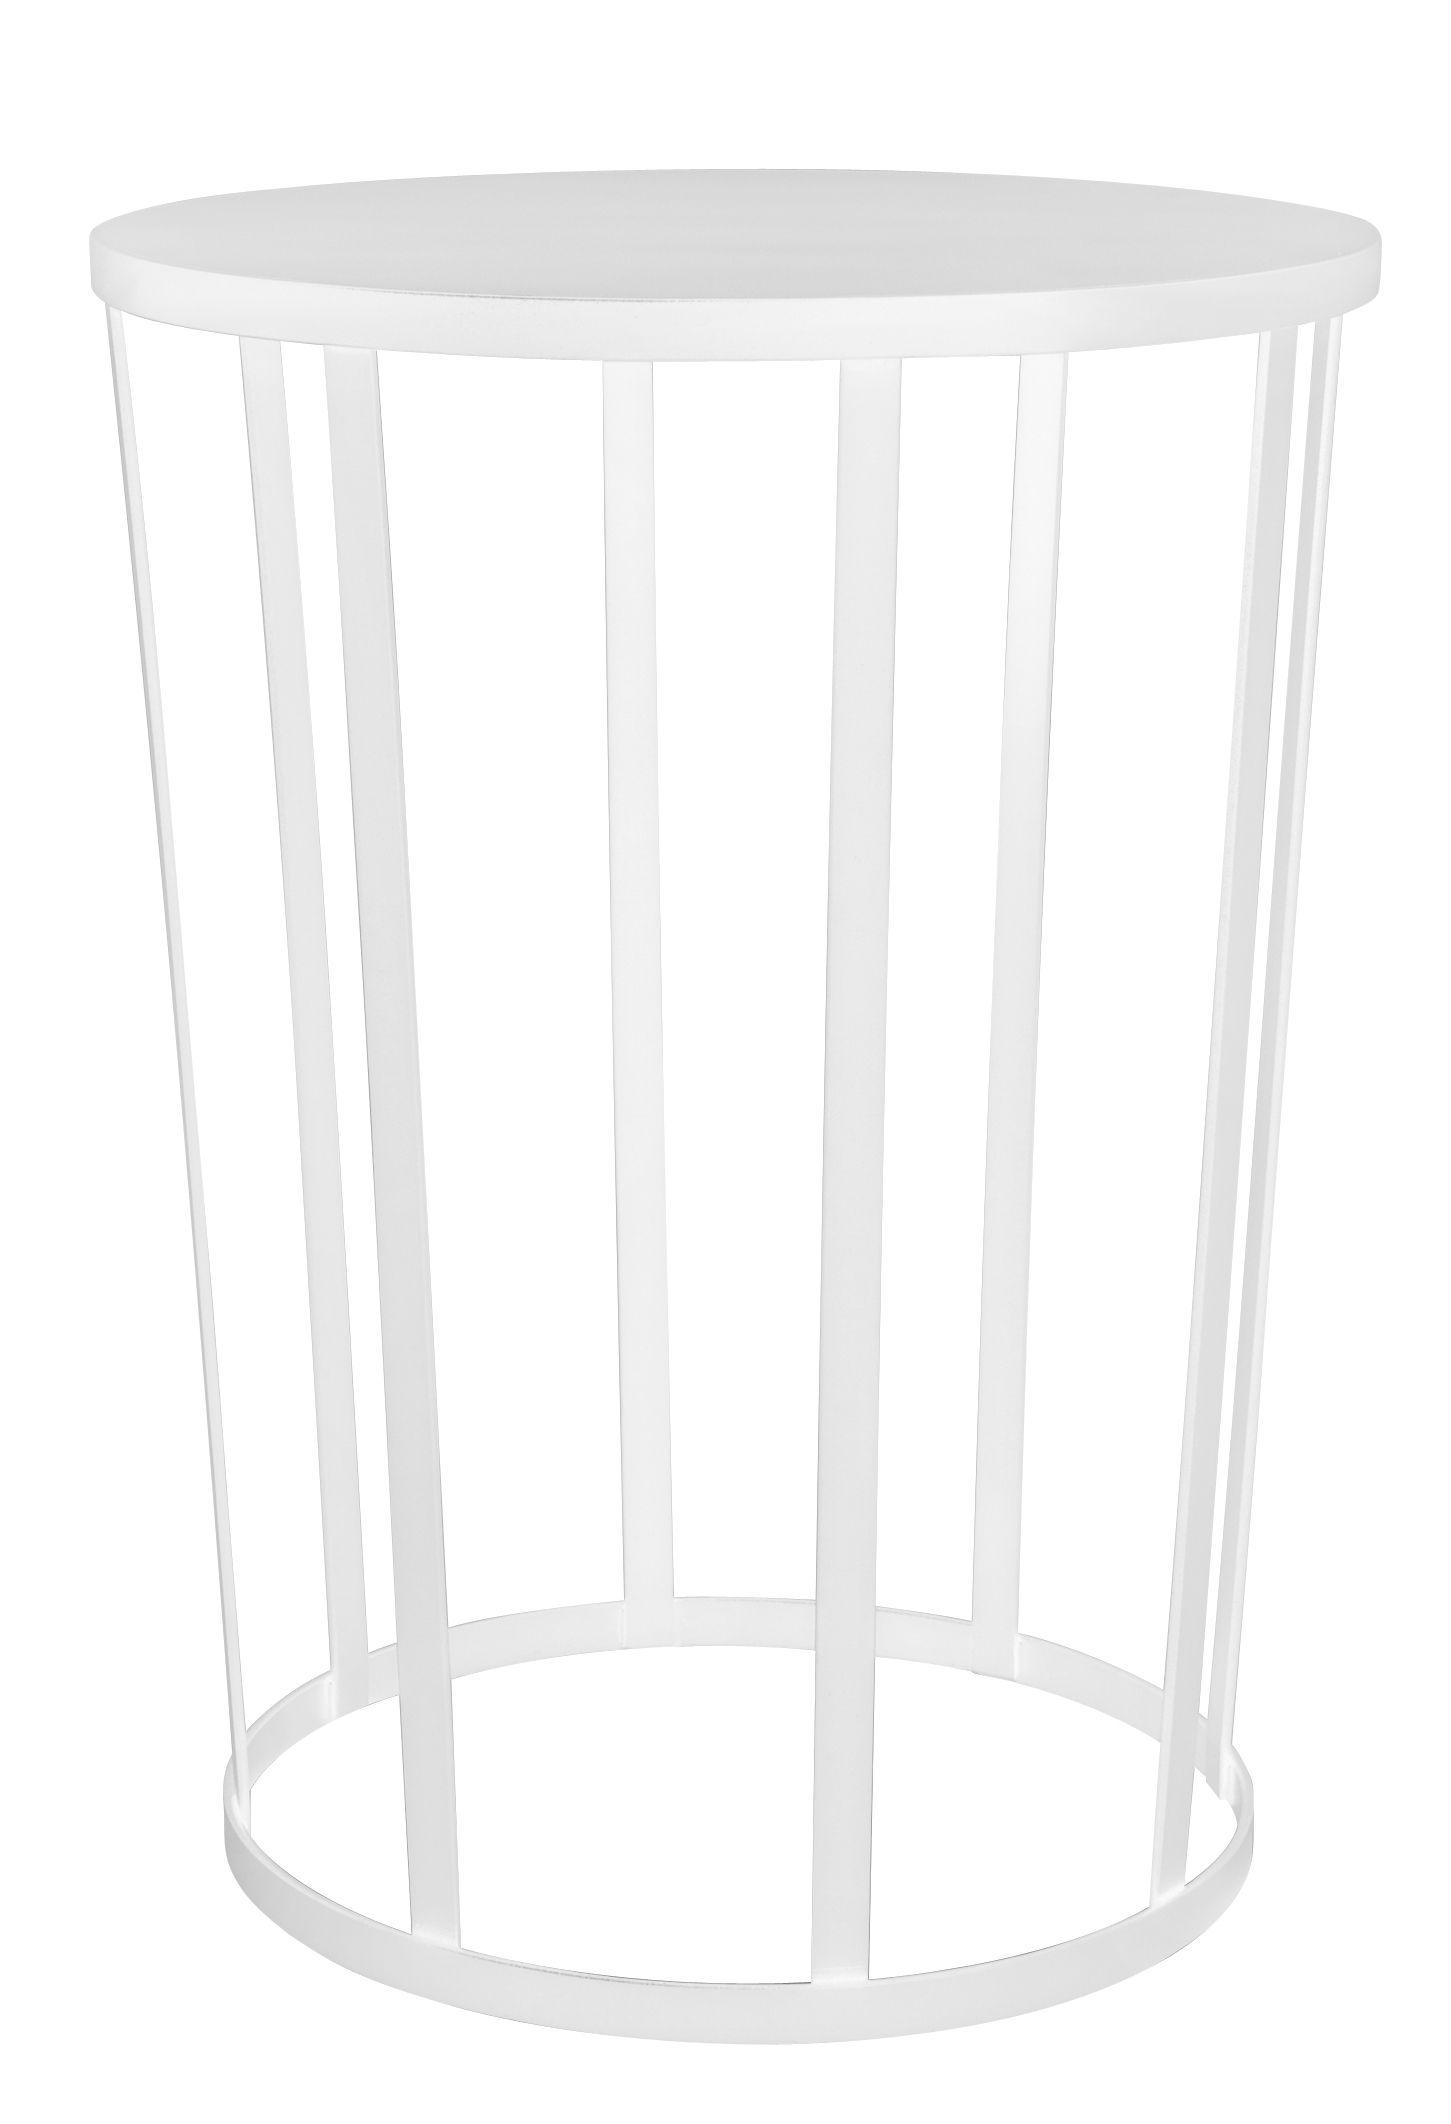 Arredamento - Tavolini  - Tavolino Hollo / Sgabello - Ø 35 x H 44 cm - Petite Friture - Bianco - Acciaio laccato